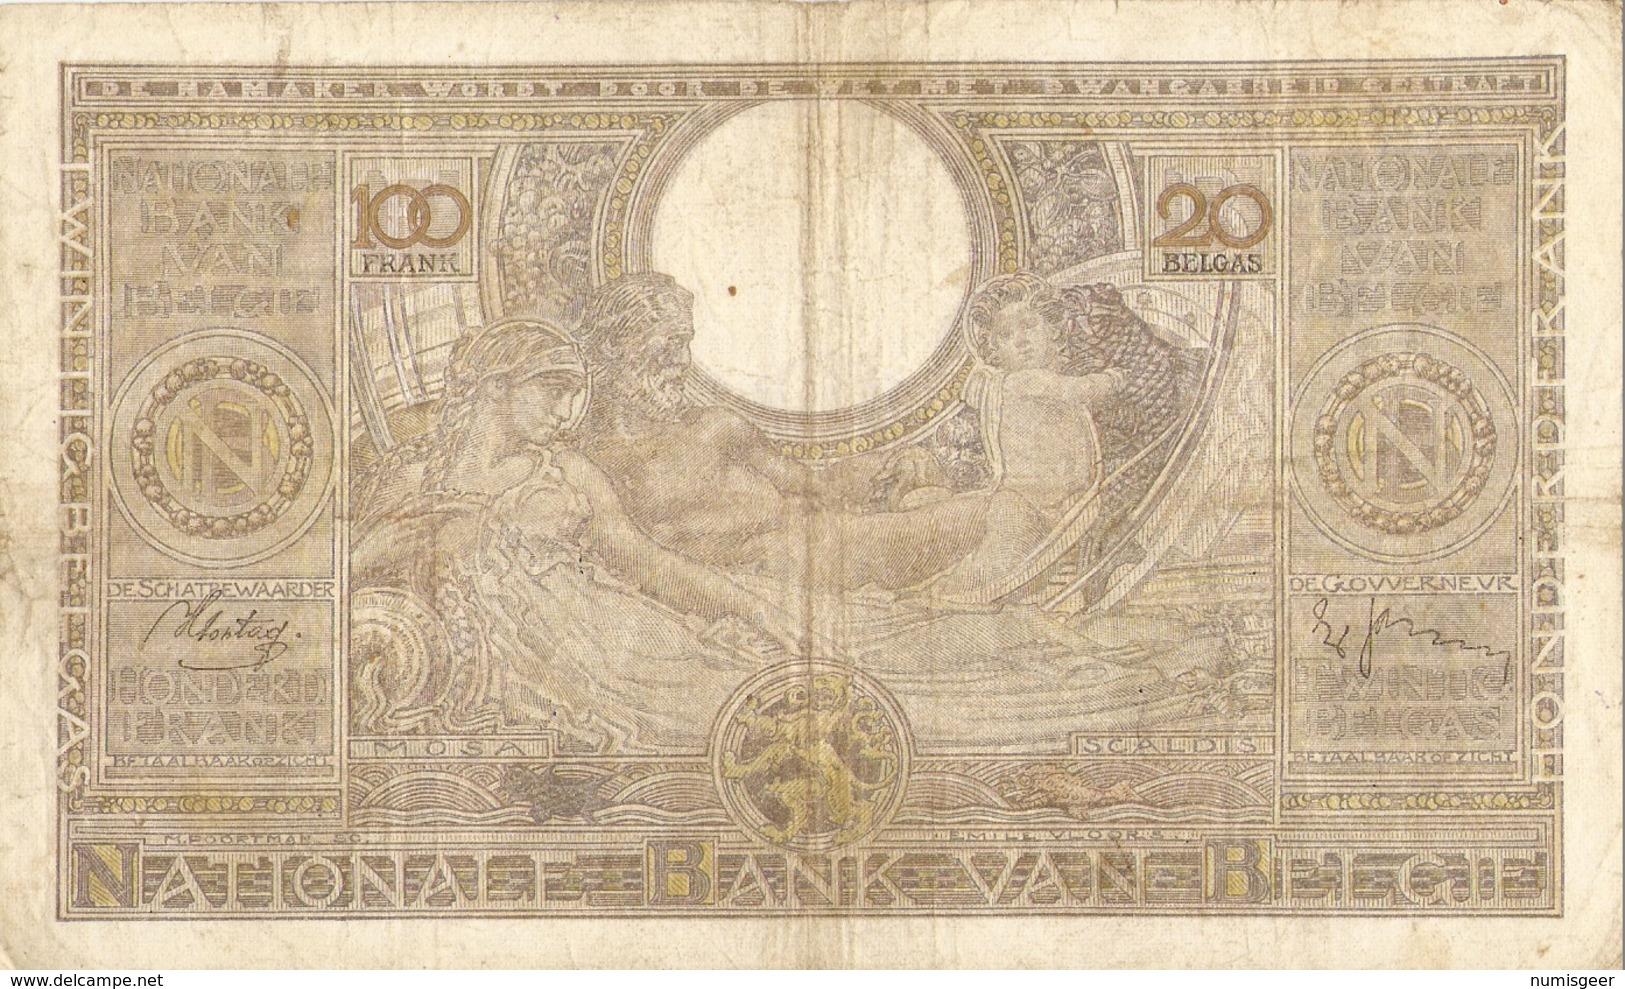 BELGIQUE -- 100 F. ( 20 Belgas ) N° -  4036.F.489 - 100 Franchi & 100 Franchi-20 Belgas